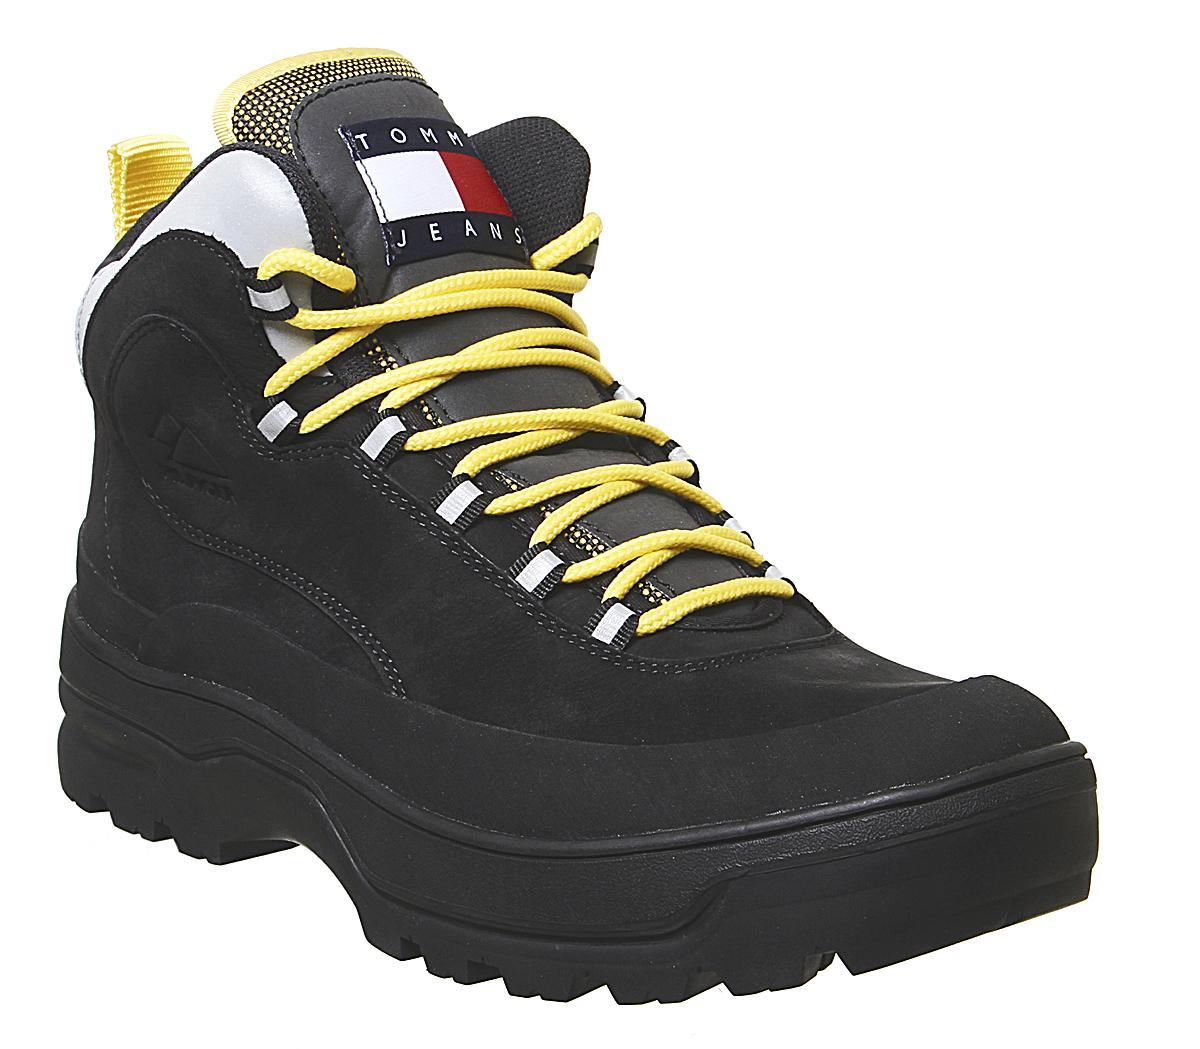 Großer Stiefel-Sale mit max. 50% auf Timberland, UGG, Vagabond, Hilfiger usw, z.B. Hilfiger Expedition Boots